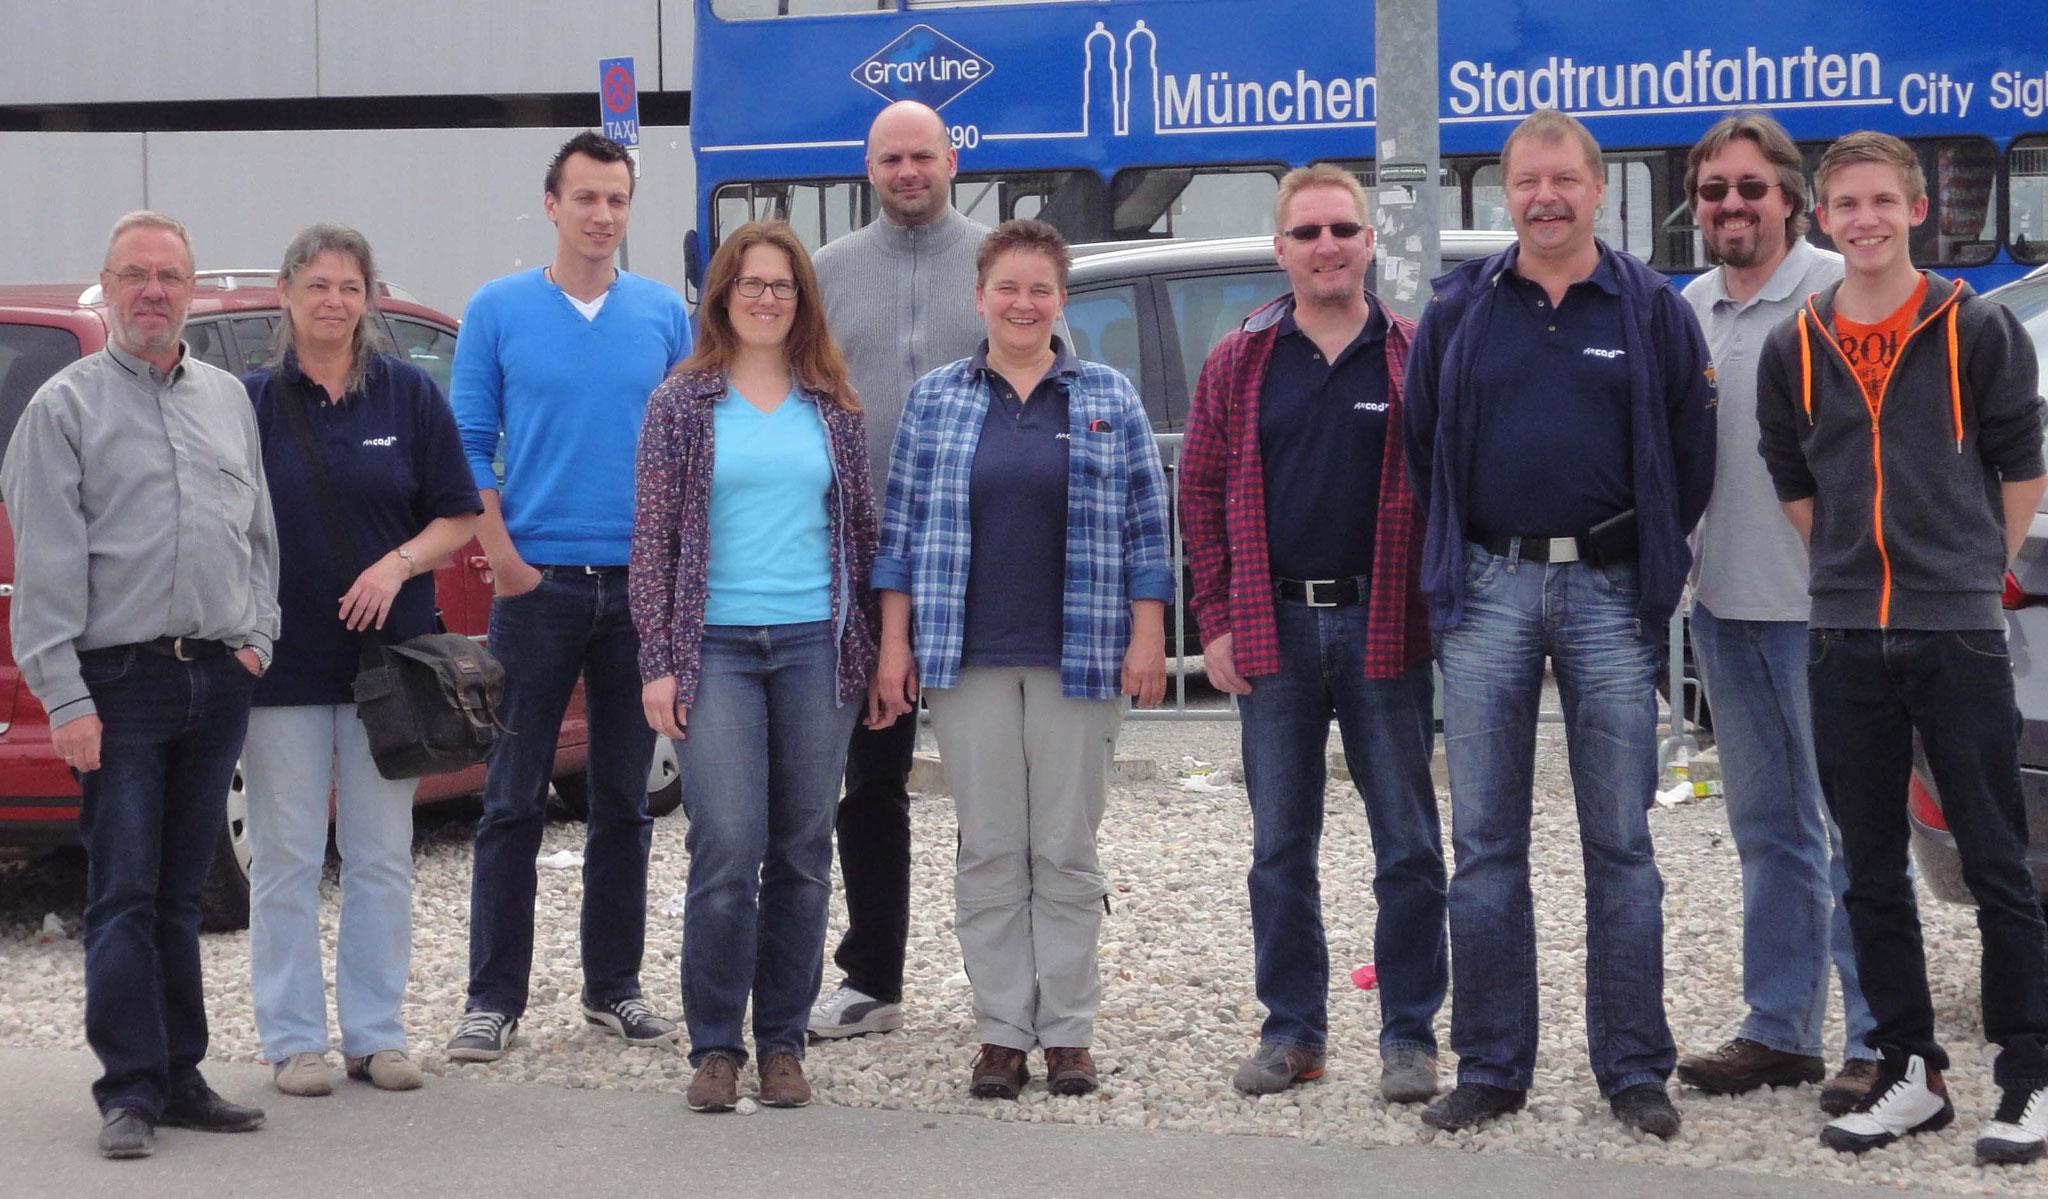 2016 - erfolgreich etabliertes Unternehmen mit aktuell 11 Mitarbeitern